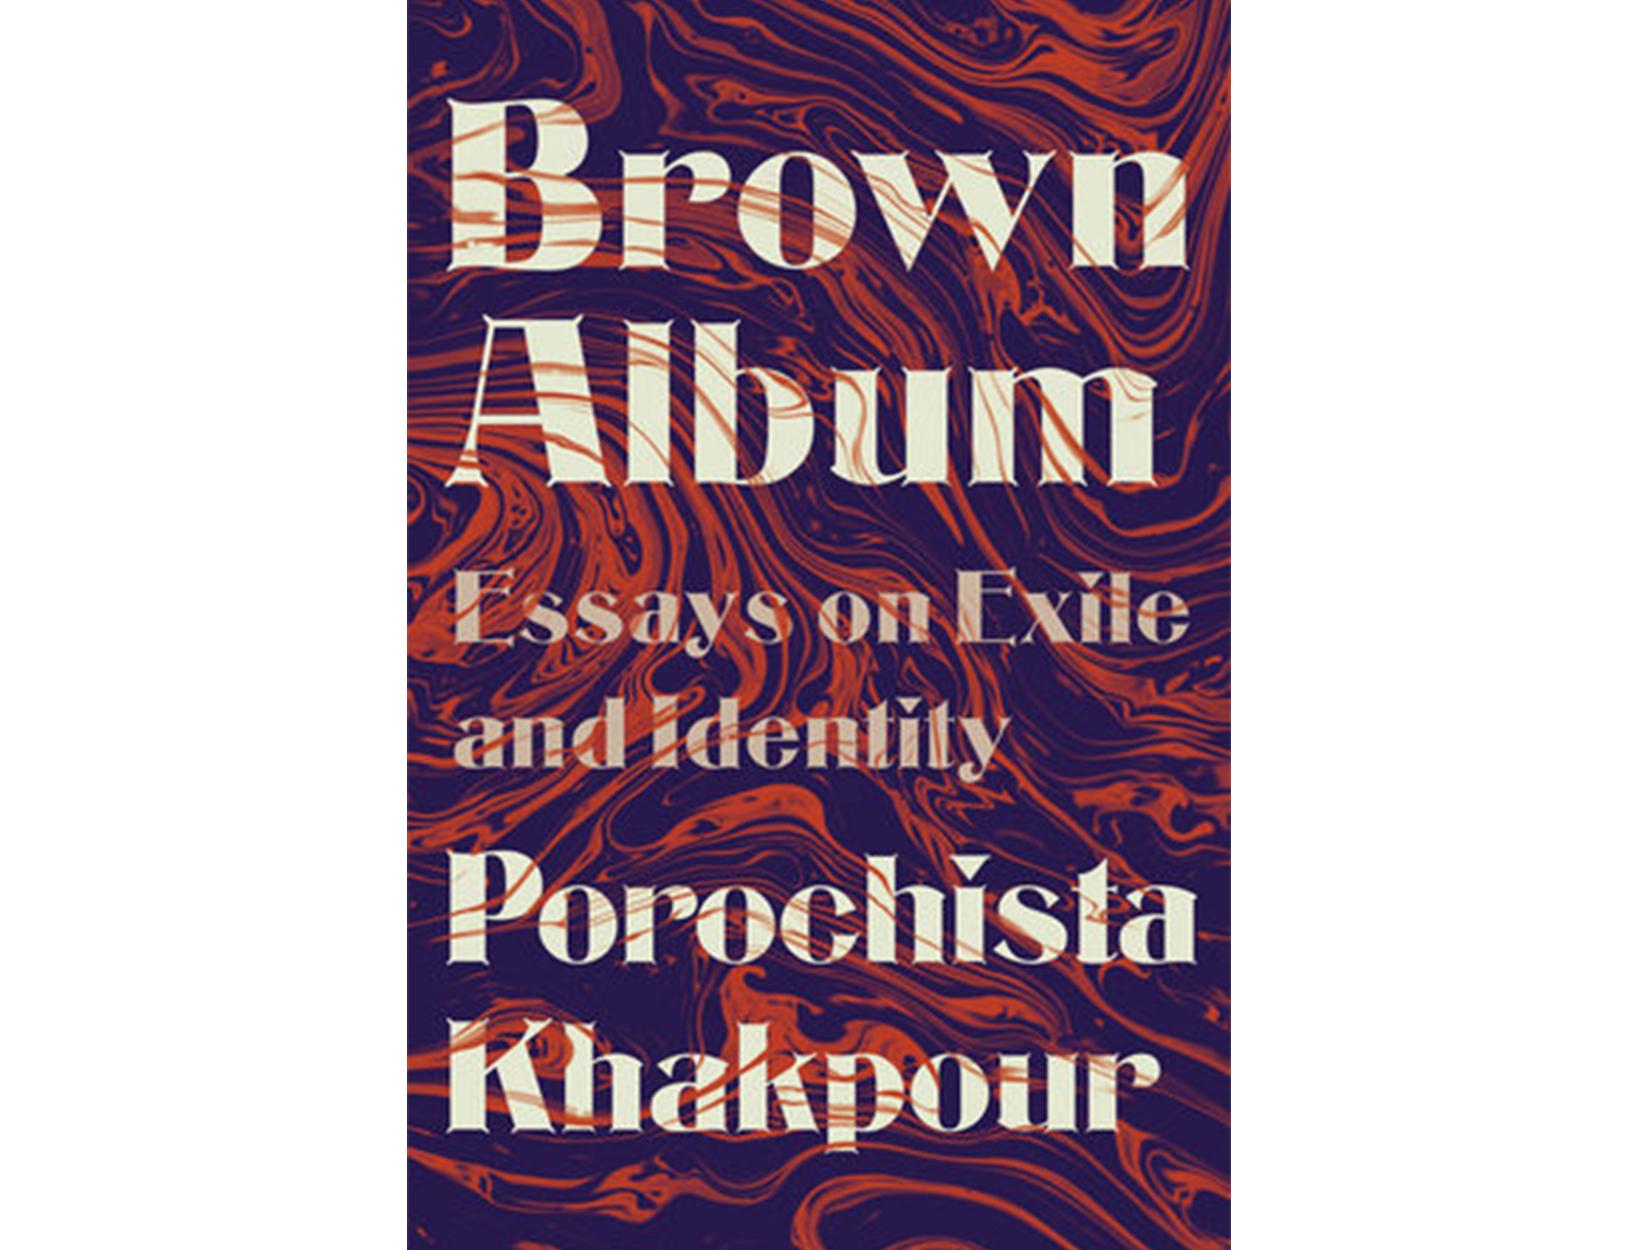 <em>Brown Album</em> by Porochista Khakpour